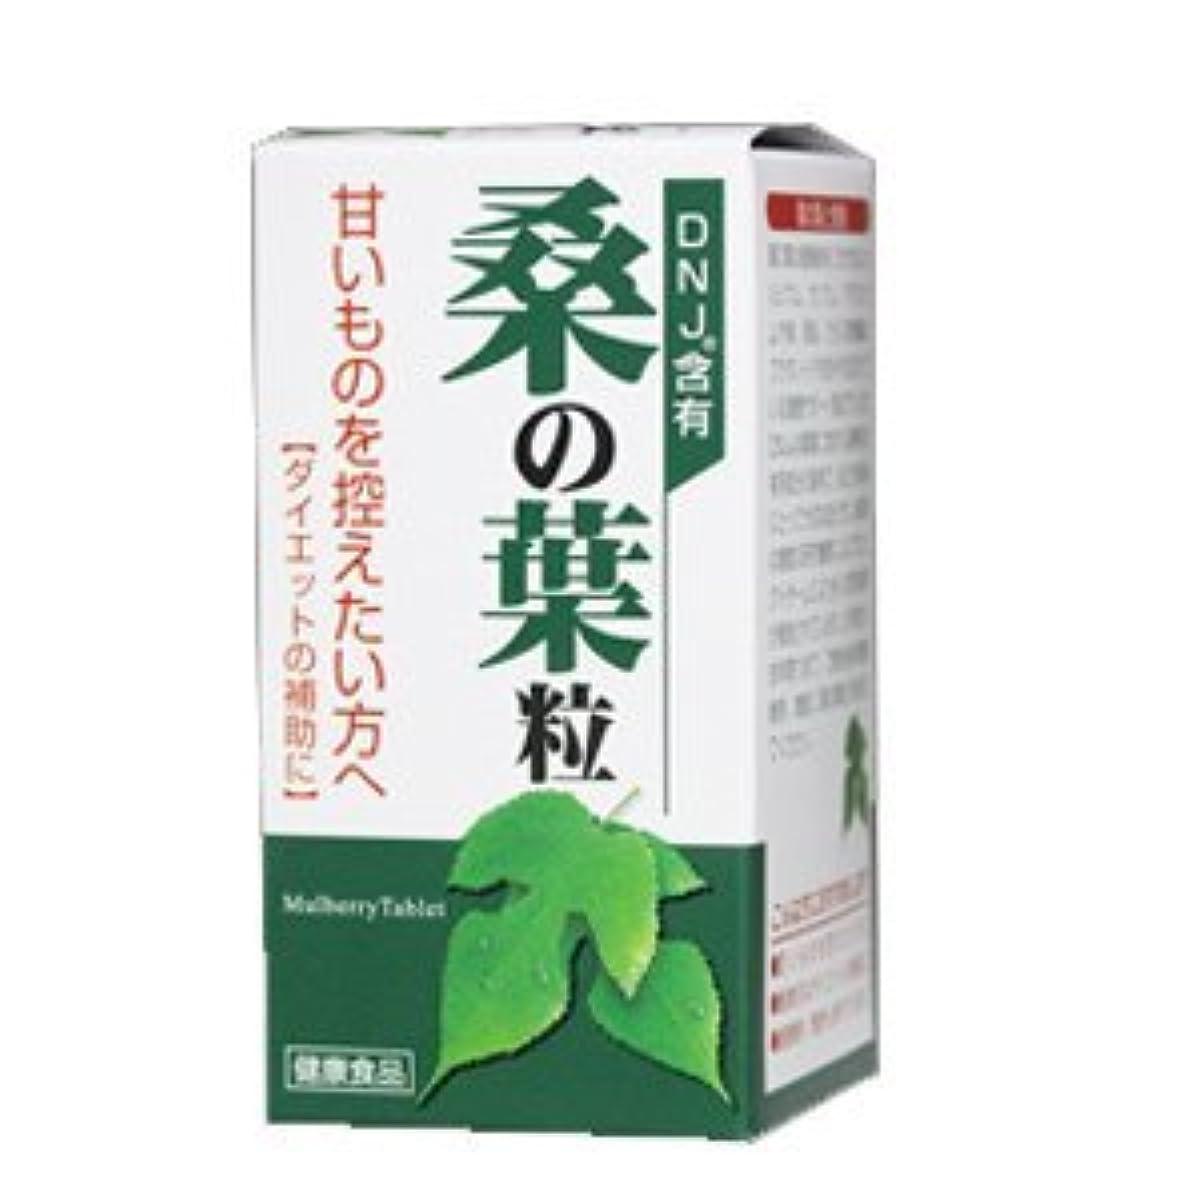 倉庫津波休暇桑の葉粒 270粒 2個 大草薬品